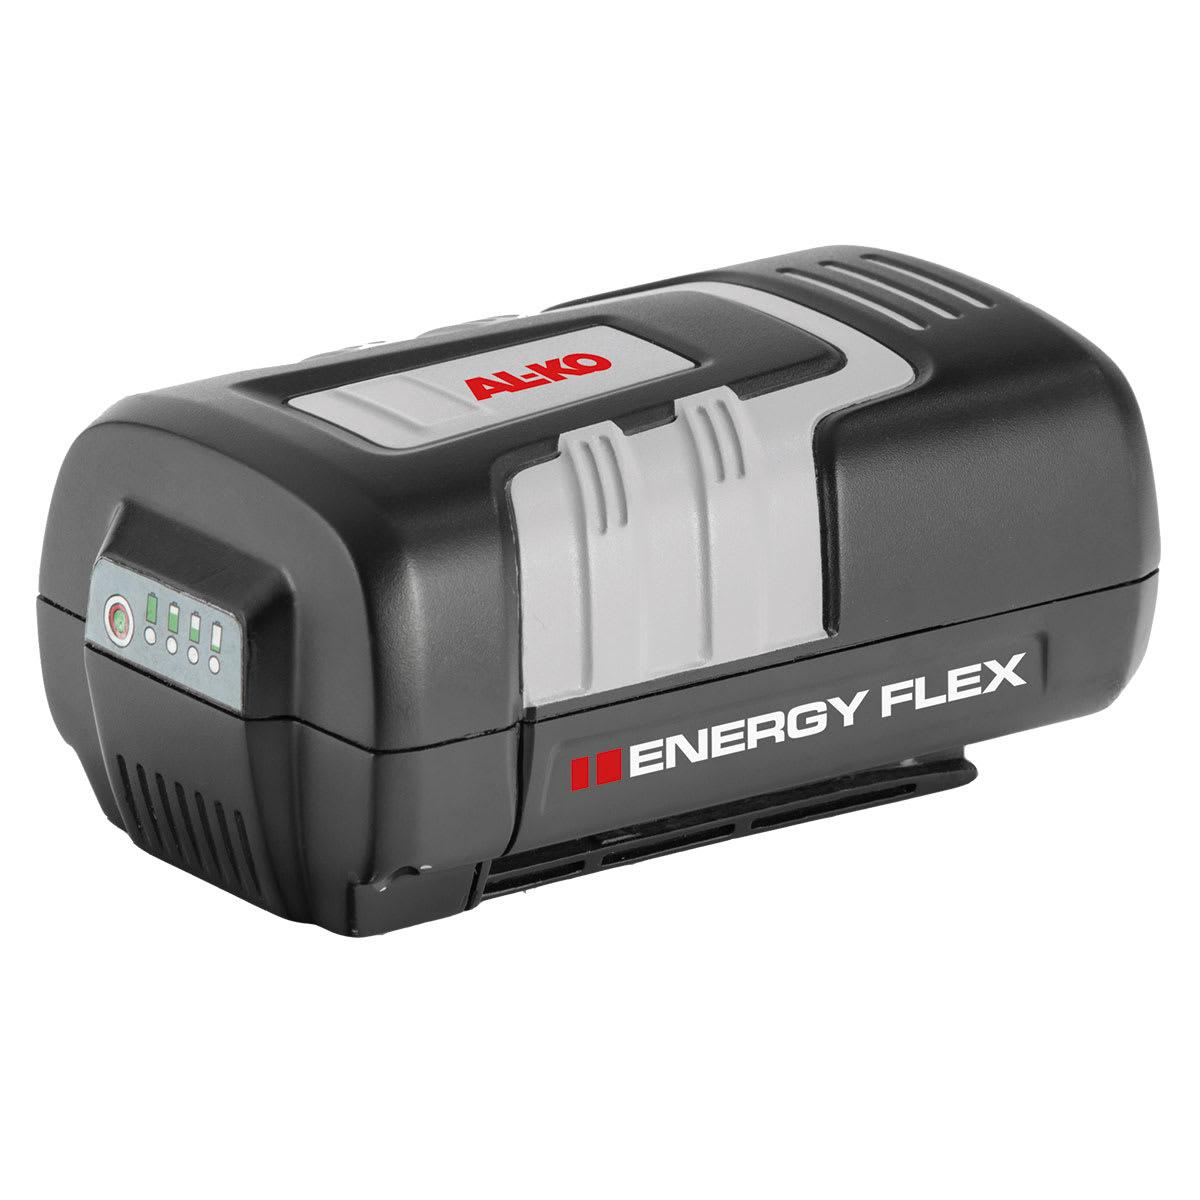 4,0 Ah 36 V - Passer til alle haveredskaber i EnergyFlex-serien